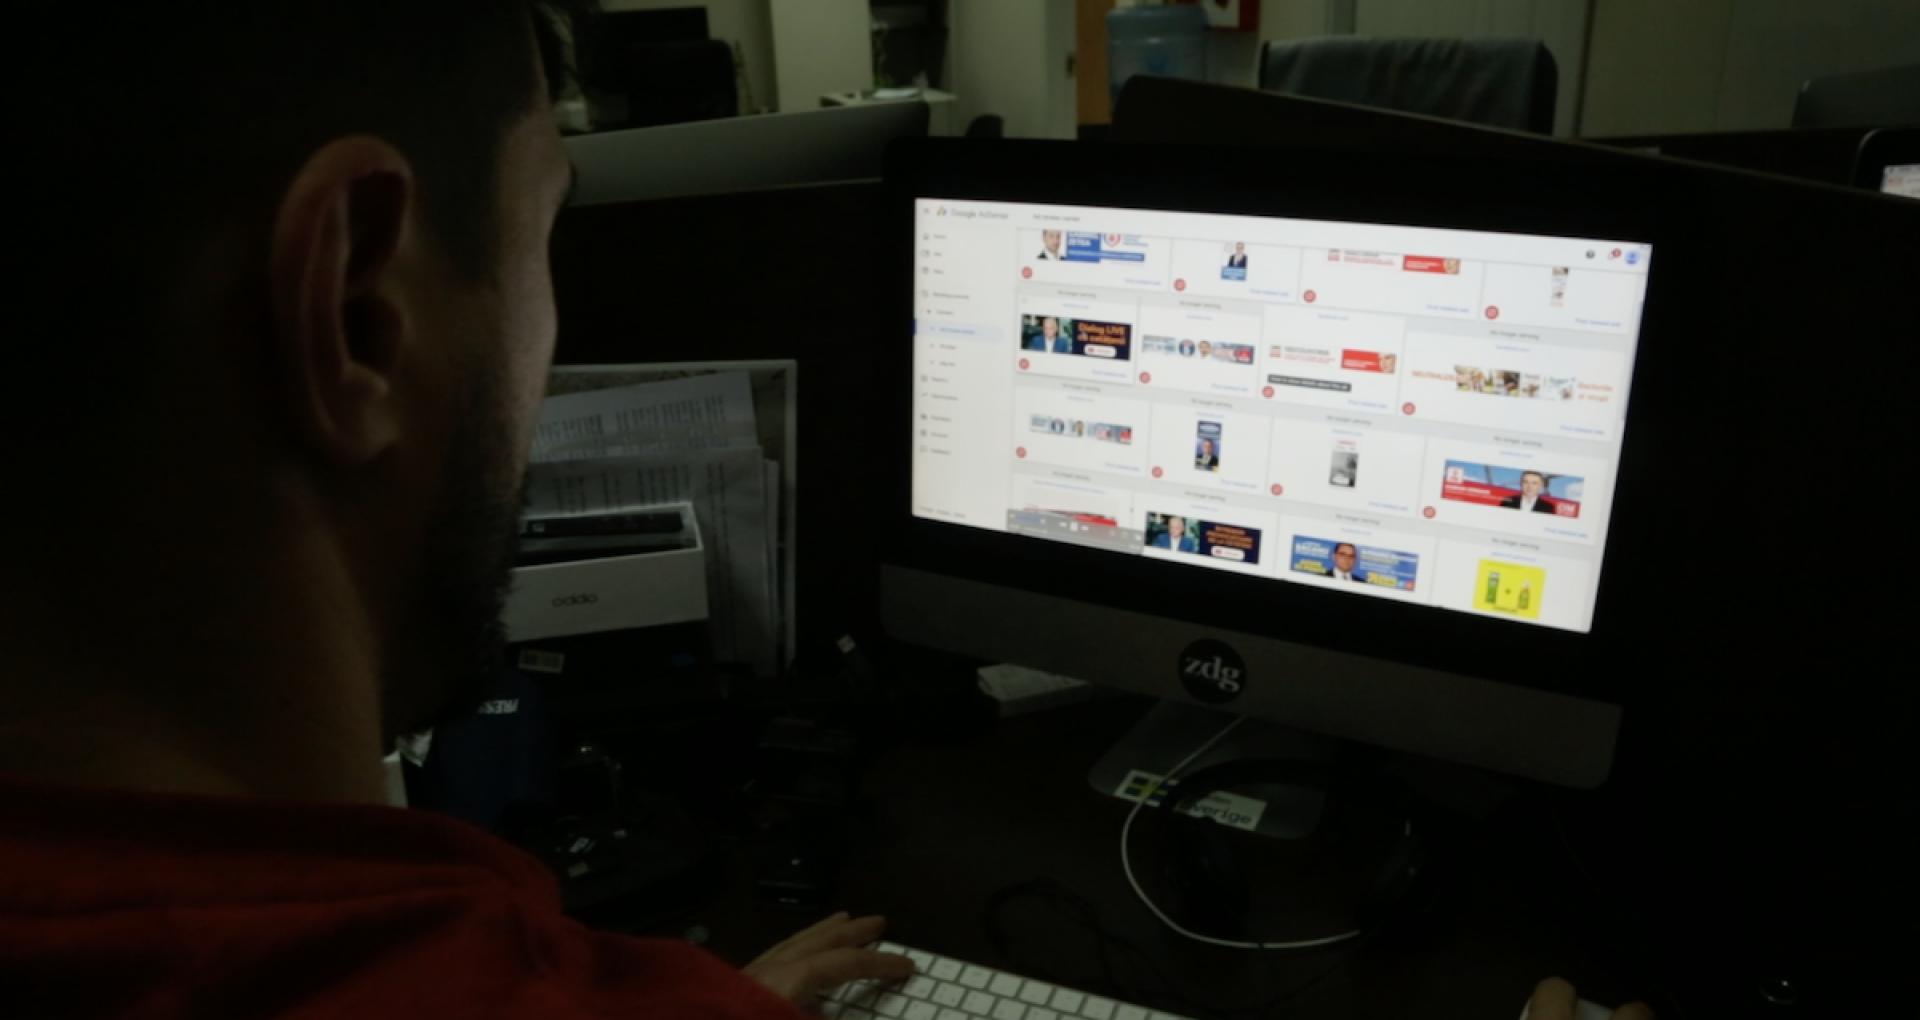 VIDEO/ Bani, de la partide corupte la gigantul Google, în detrimentul mass media independente